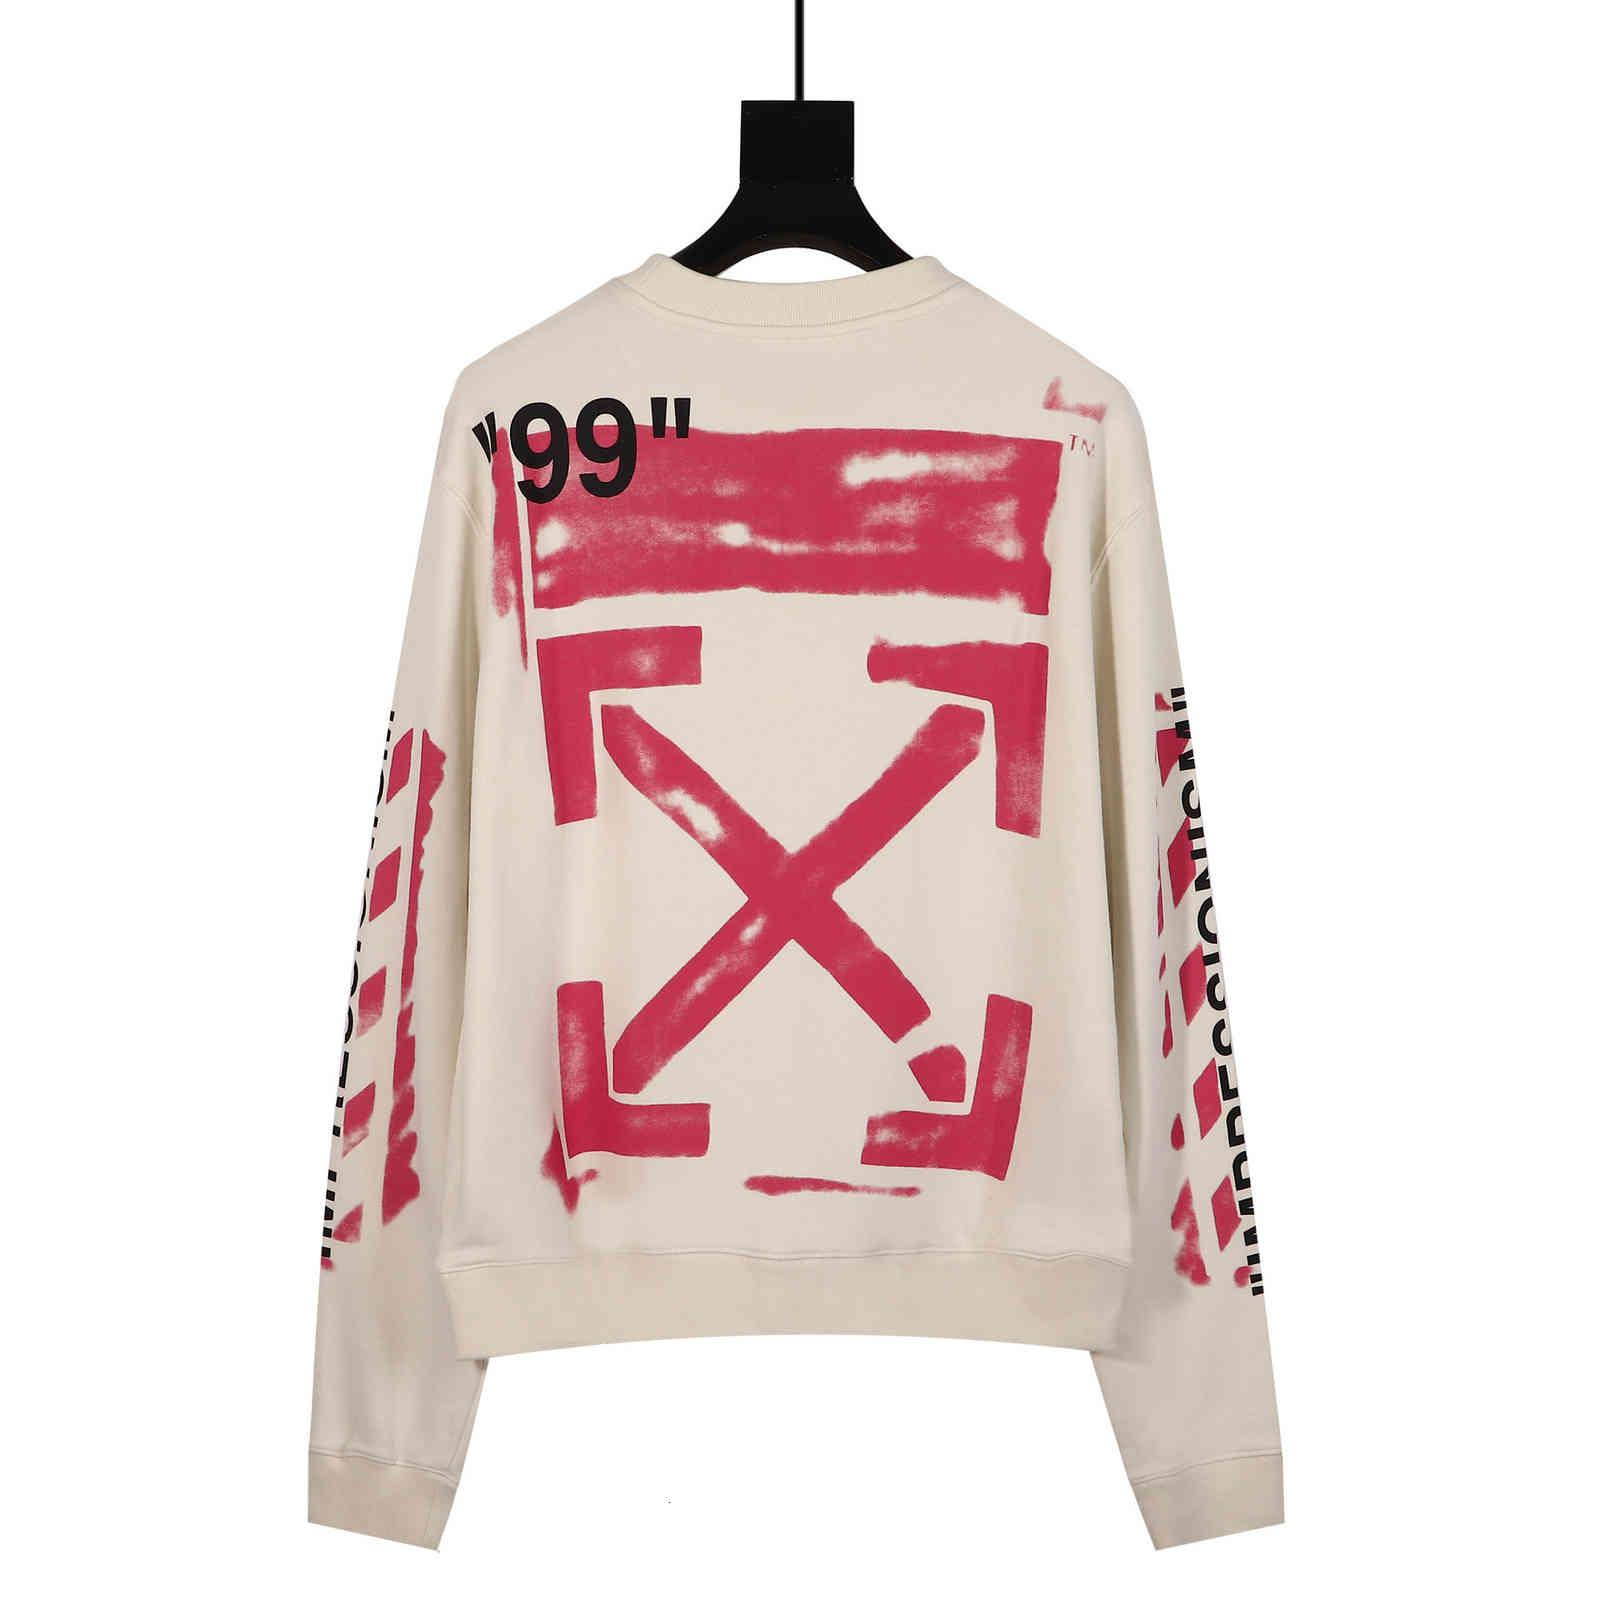 Versión correcta de OW19SS Graffiti rosa flecha 99 Set de cuello redondo Suéter